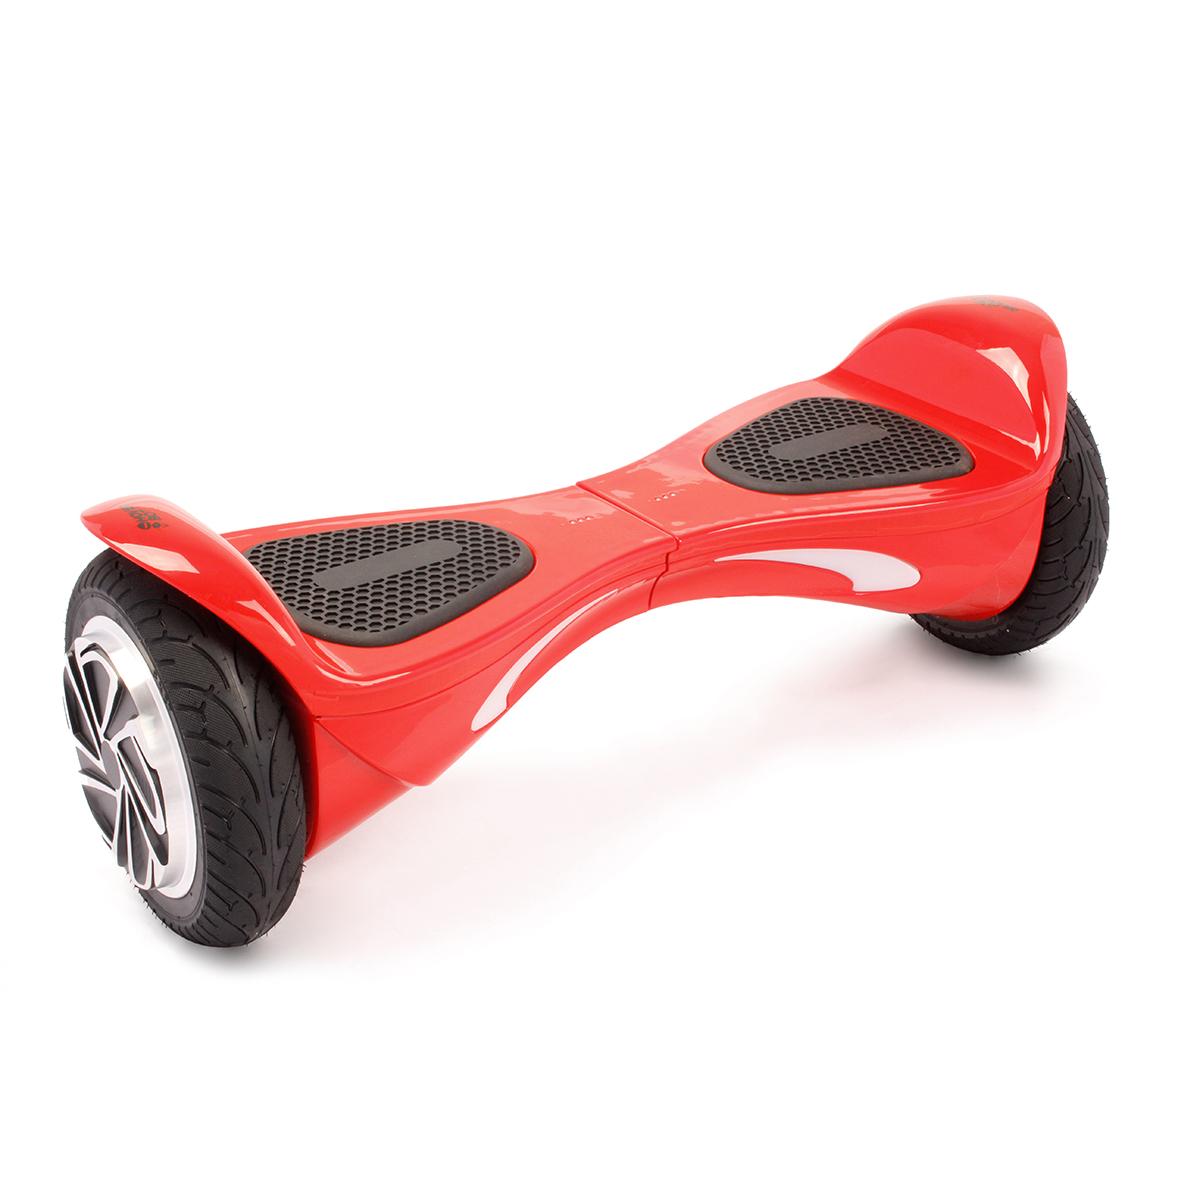 """Гироскутер Hoverbot B-2 (A-9), цвет: красныйGB2RDГироскутер Hoverbot B-2 имеет высокий клиренс и спортивный корпус – он выглядит очень эргономично и современно. Не смотря на высокую посадку, гироборд уверенно стоит на широких 8"""" колёсах, которые отлично справляются со своей задачей – уверенно держать дорогу на высокой скорости. Он не только быстро разгоняется, но и хорошо оттормаживается, не зависимо от веса пользователя или дорожных условий. Очень резвая модель B-2 моментально откликается на изменение в управлении и быстро подстраивается под индивидуальные запросы райдера. Покупая гироборд Hoverbot B-2 вы приобретаете не только отличное средство передвижение, но также незаменимого и верного спутника, который скрасит ваше времяпрепровождение отличной музыкой через встроенные динамики в корпусе борда. Музыка передаётся через Bluetooth устройство на любом из ваших гаджетов. Данная модель подойдёт опытным пользователям. В комплект входит зарядное устройство. Технические характеристики. Цвета: black, blue, red. Возможная дистанция: 15..."""